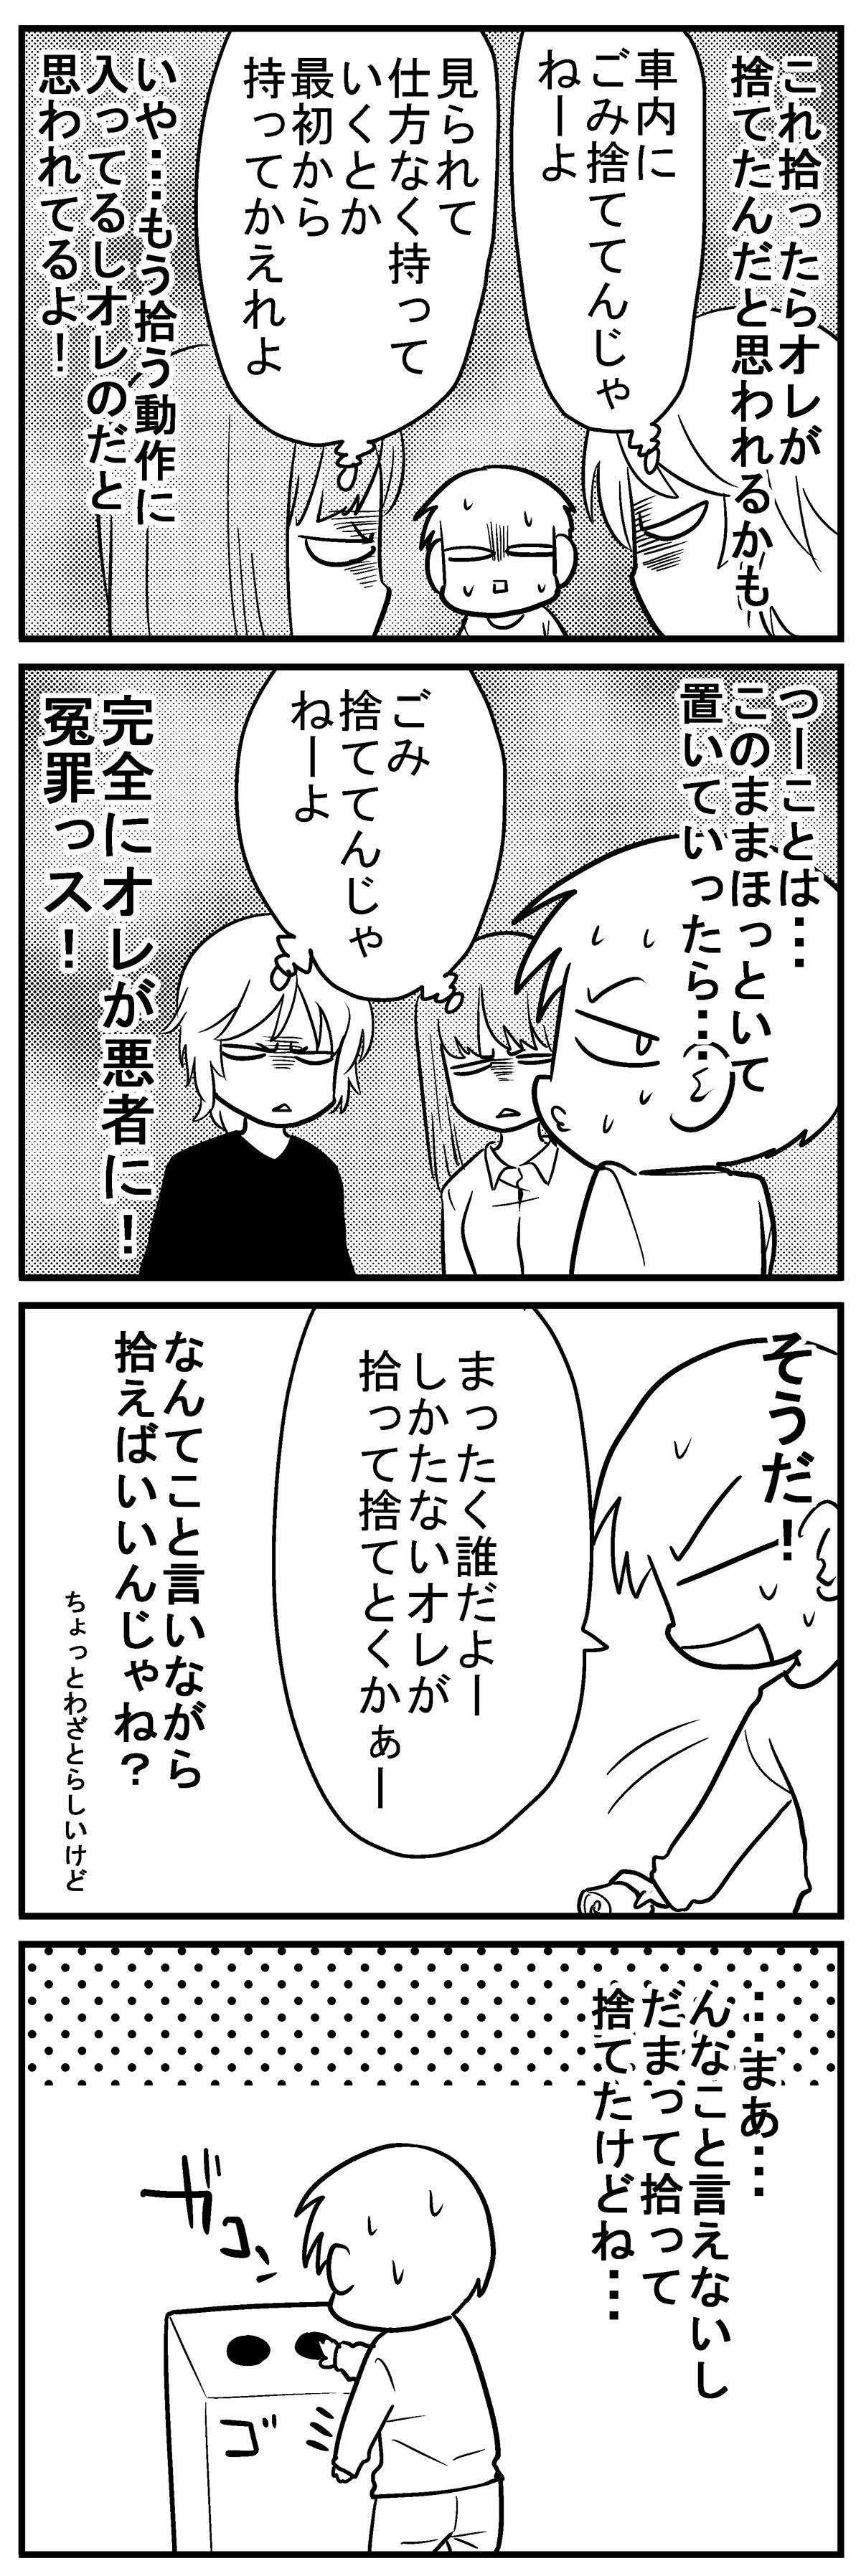 深読みくん用原稿-2